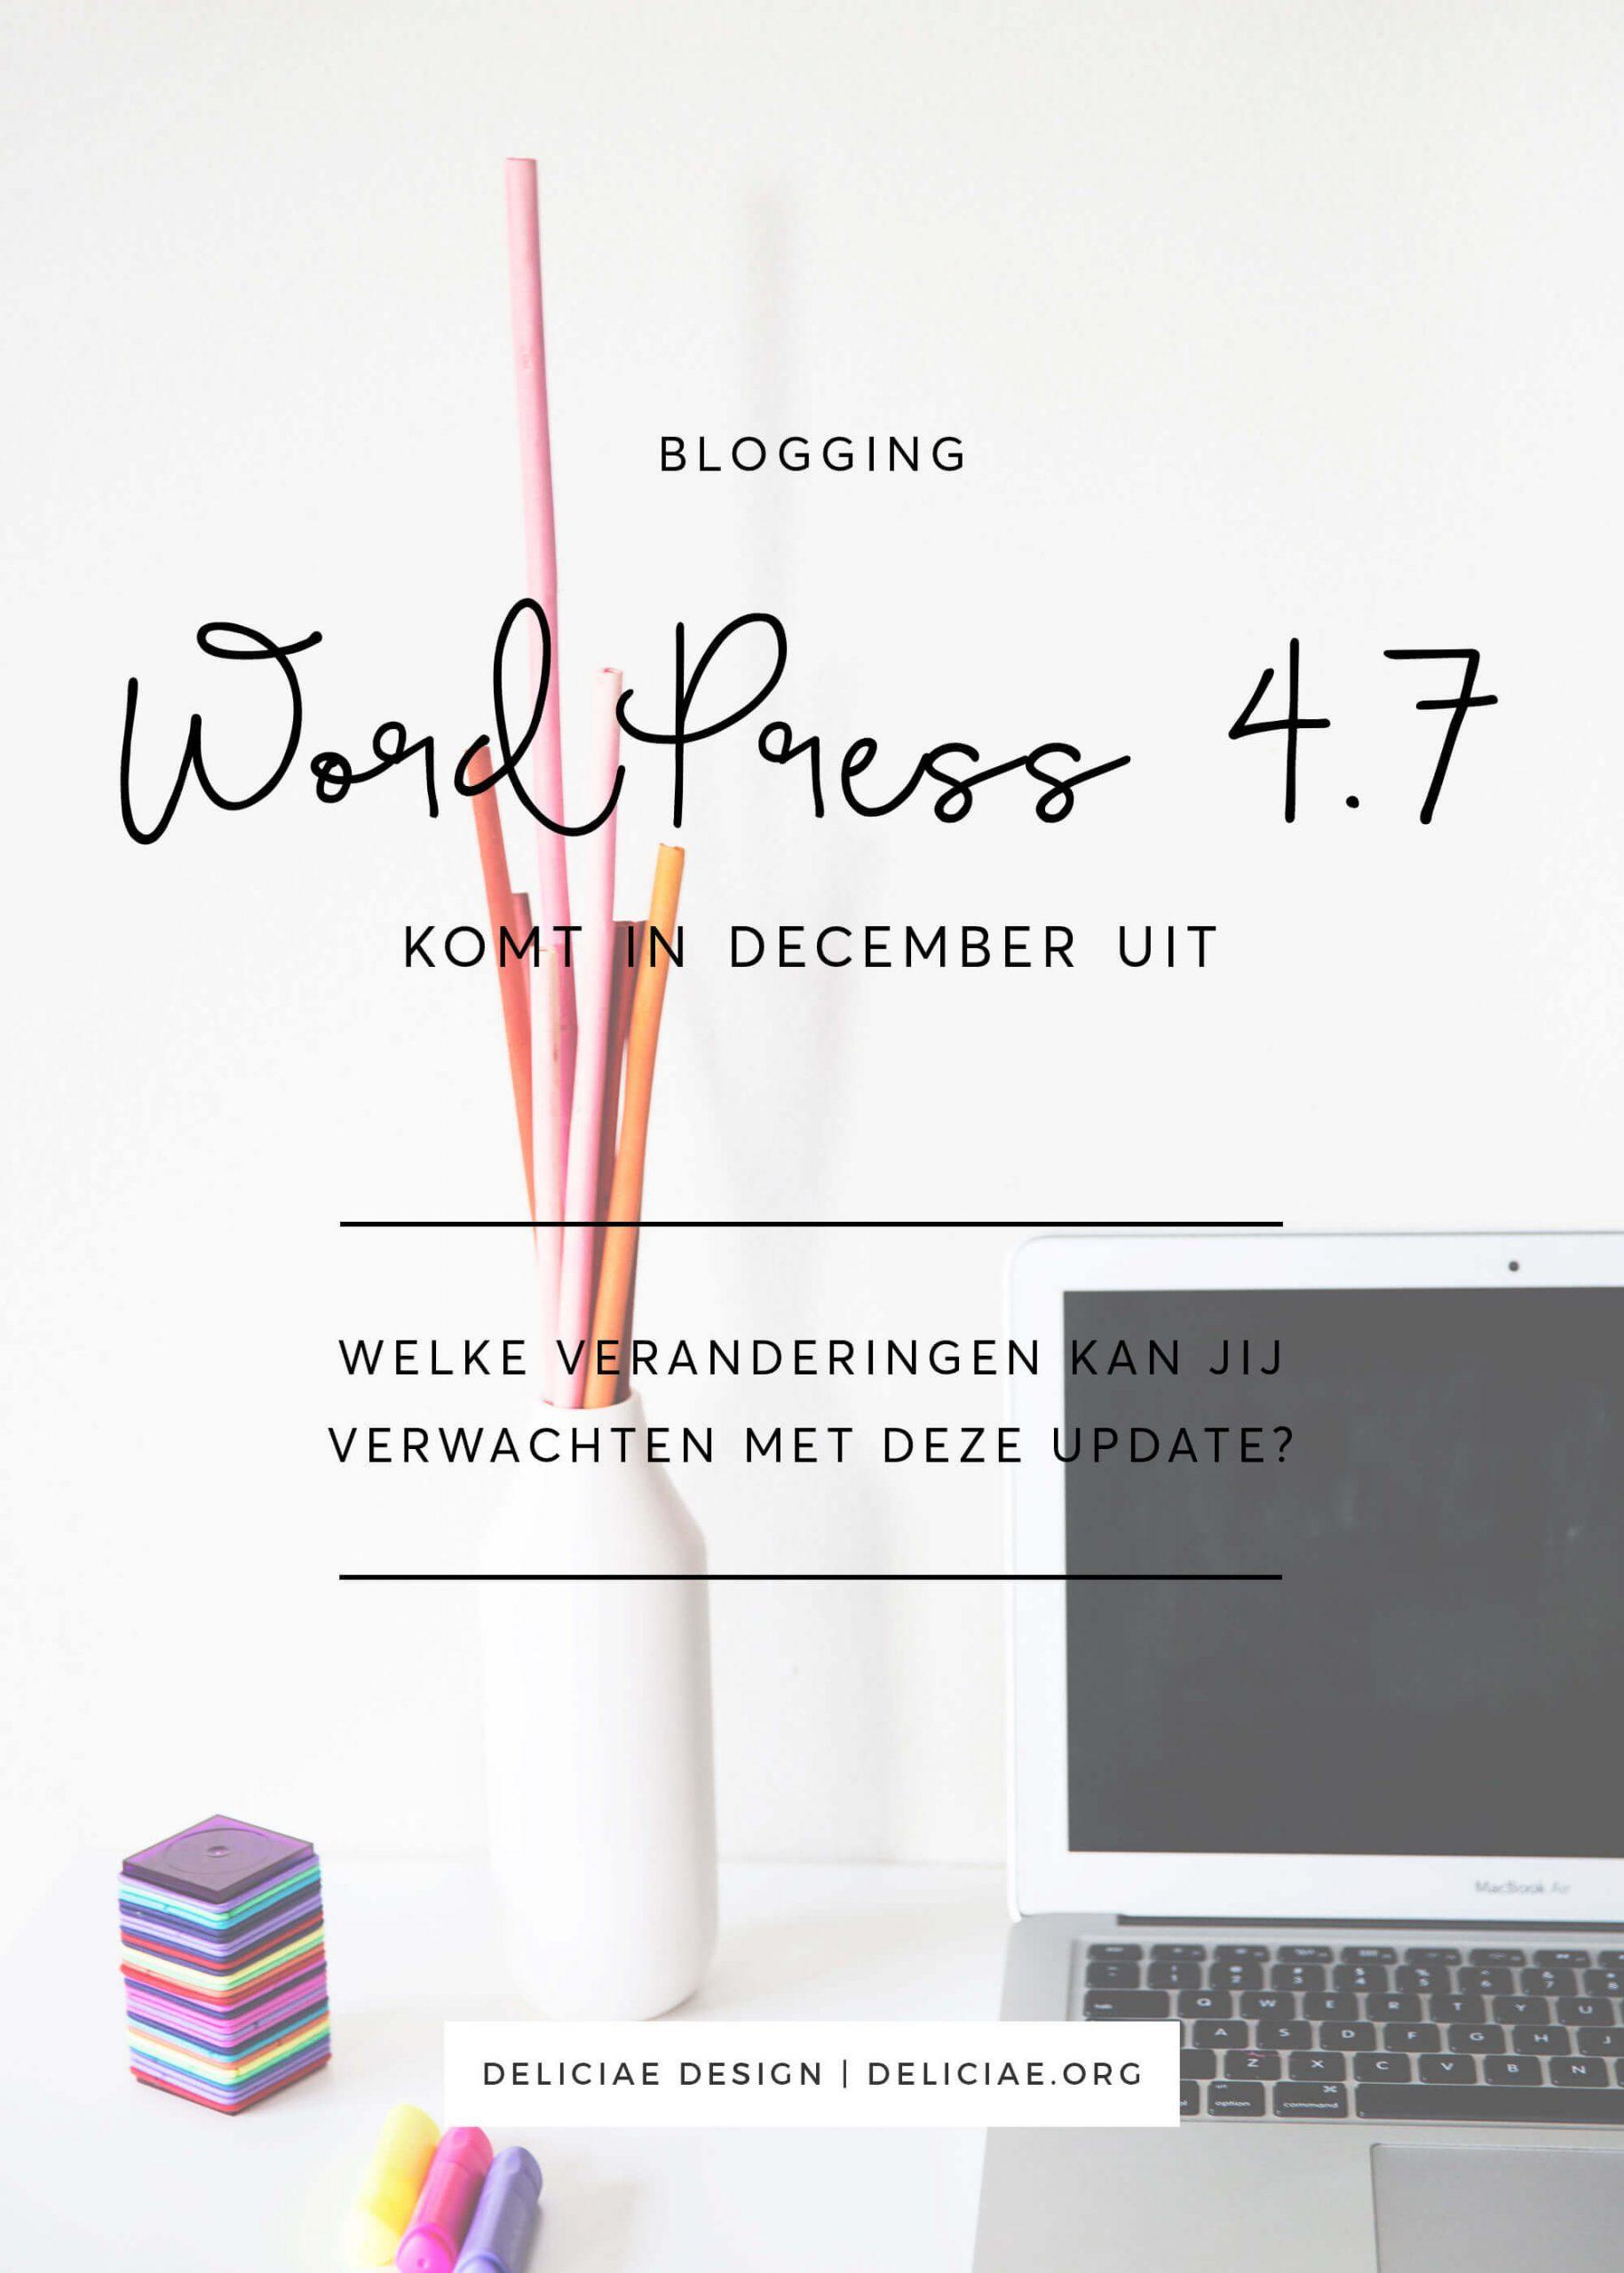 wordpress-update-4-7